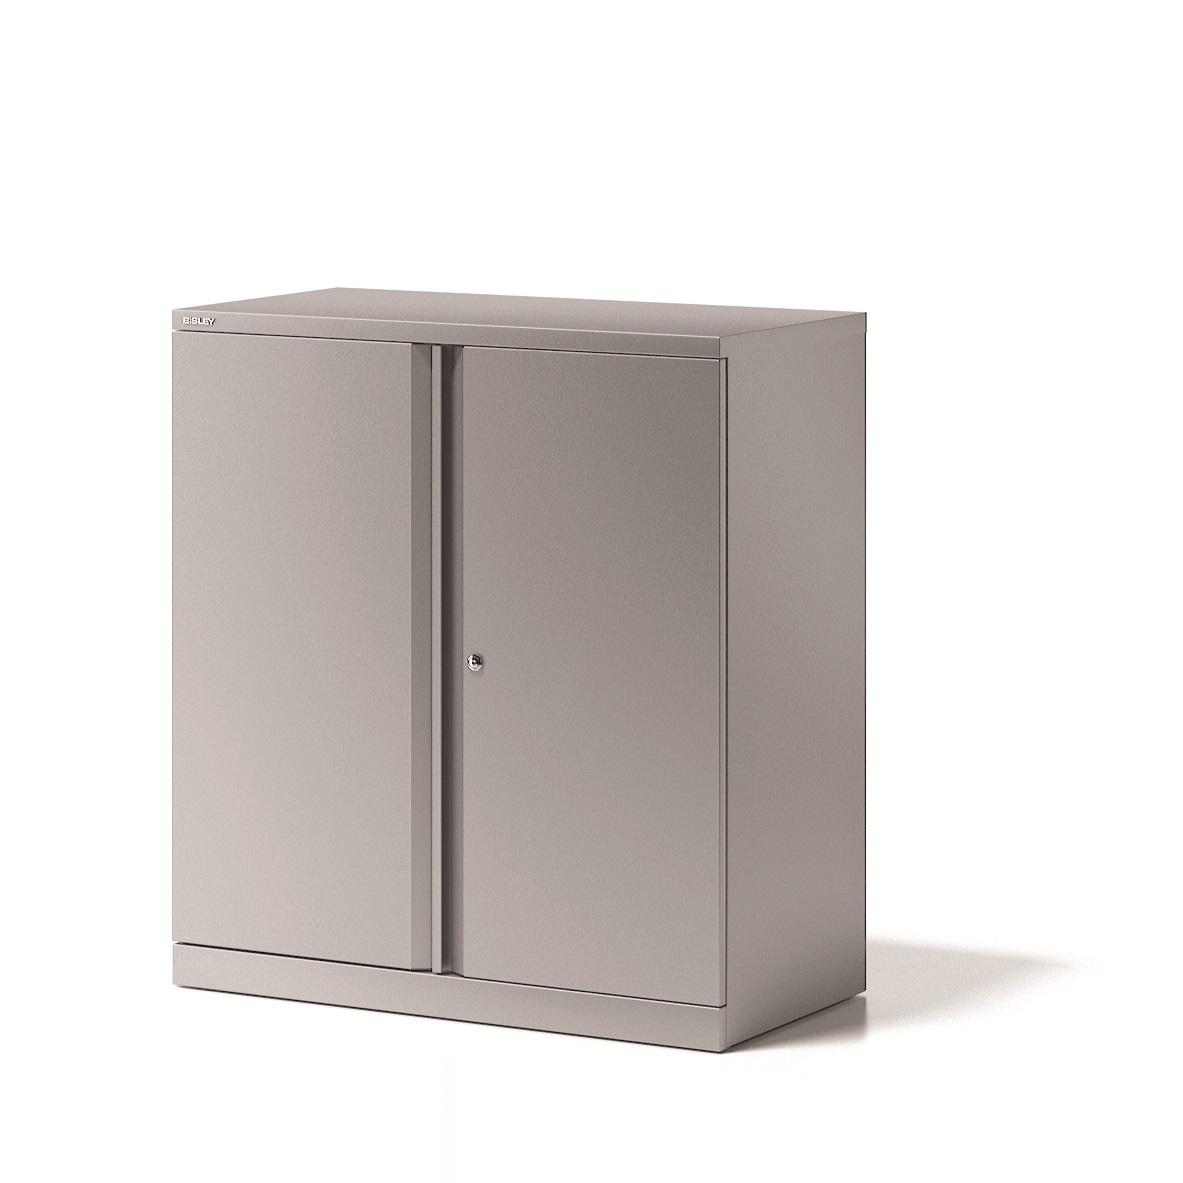 Image for Bisley Cupboard Steel Low 2-Door 1-Shelf W914xD470xH1000-1015mm Grey Ref YECB0910/1S